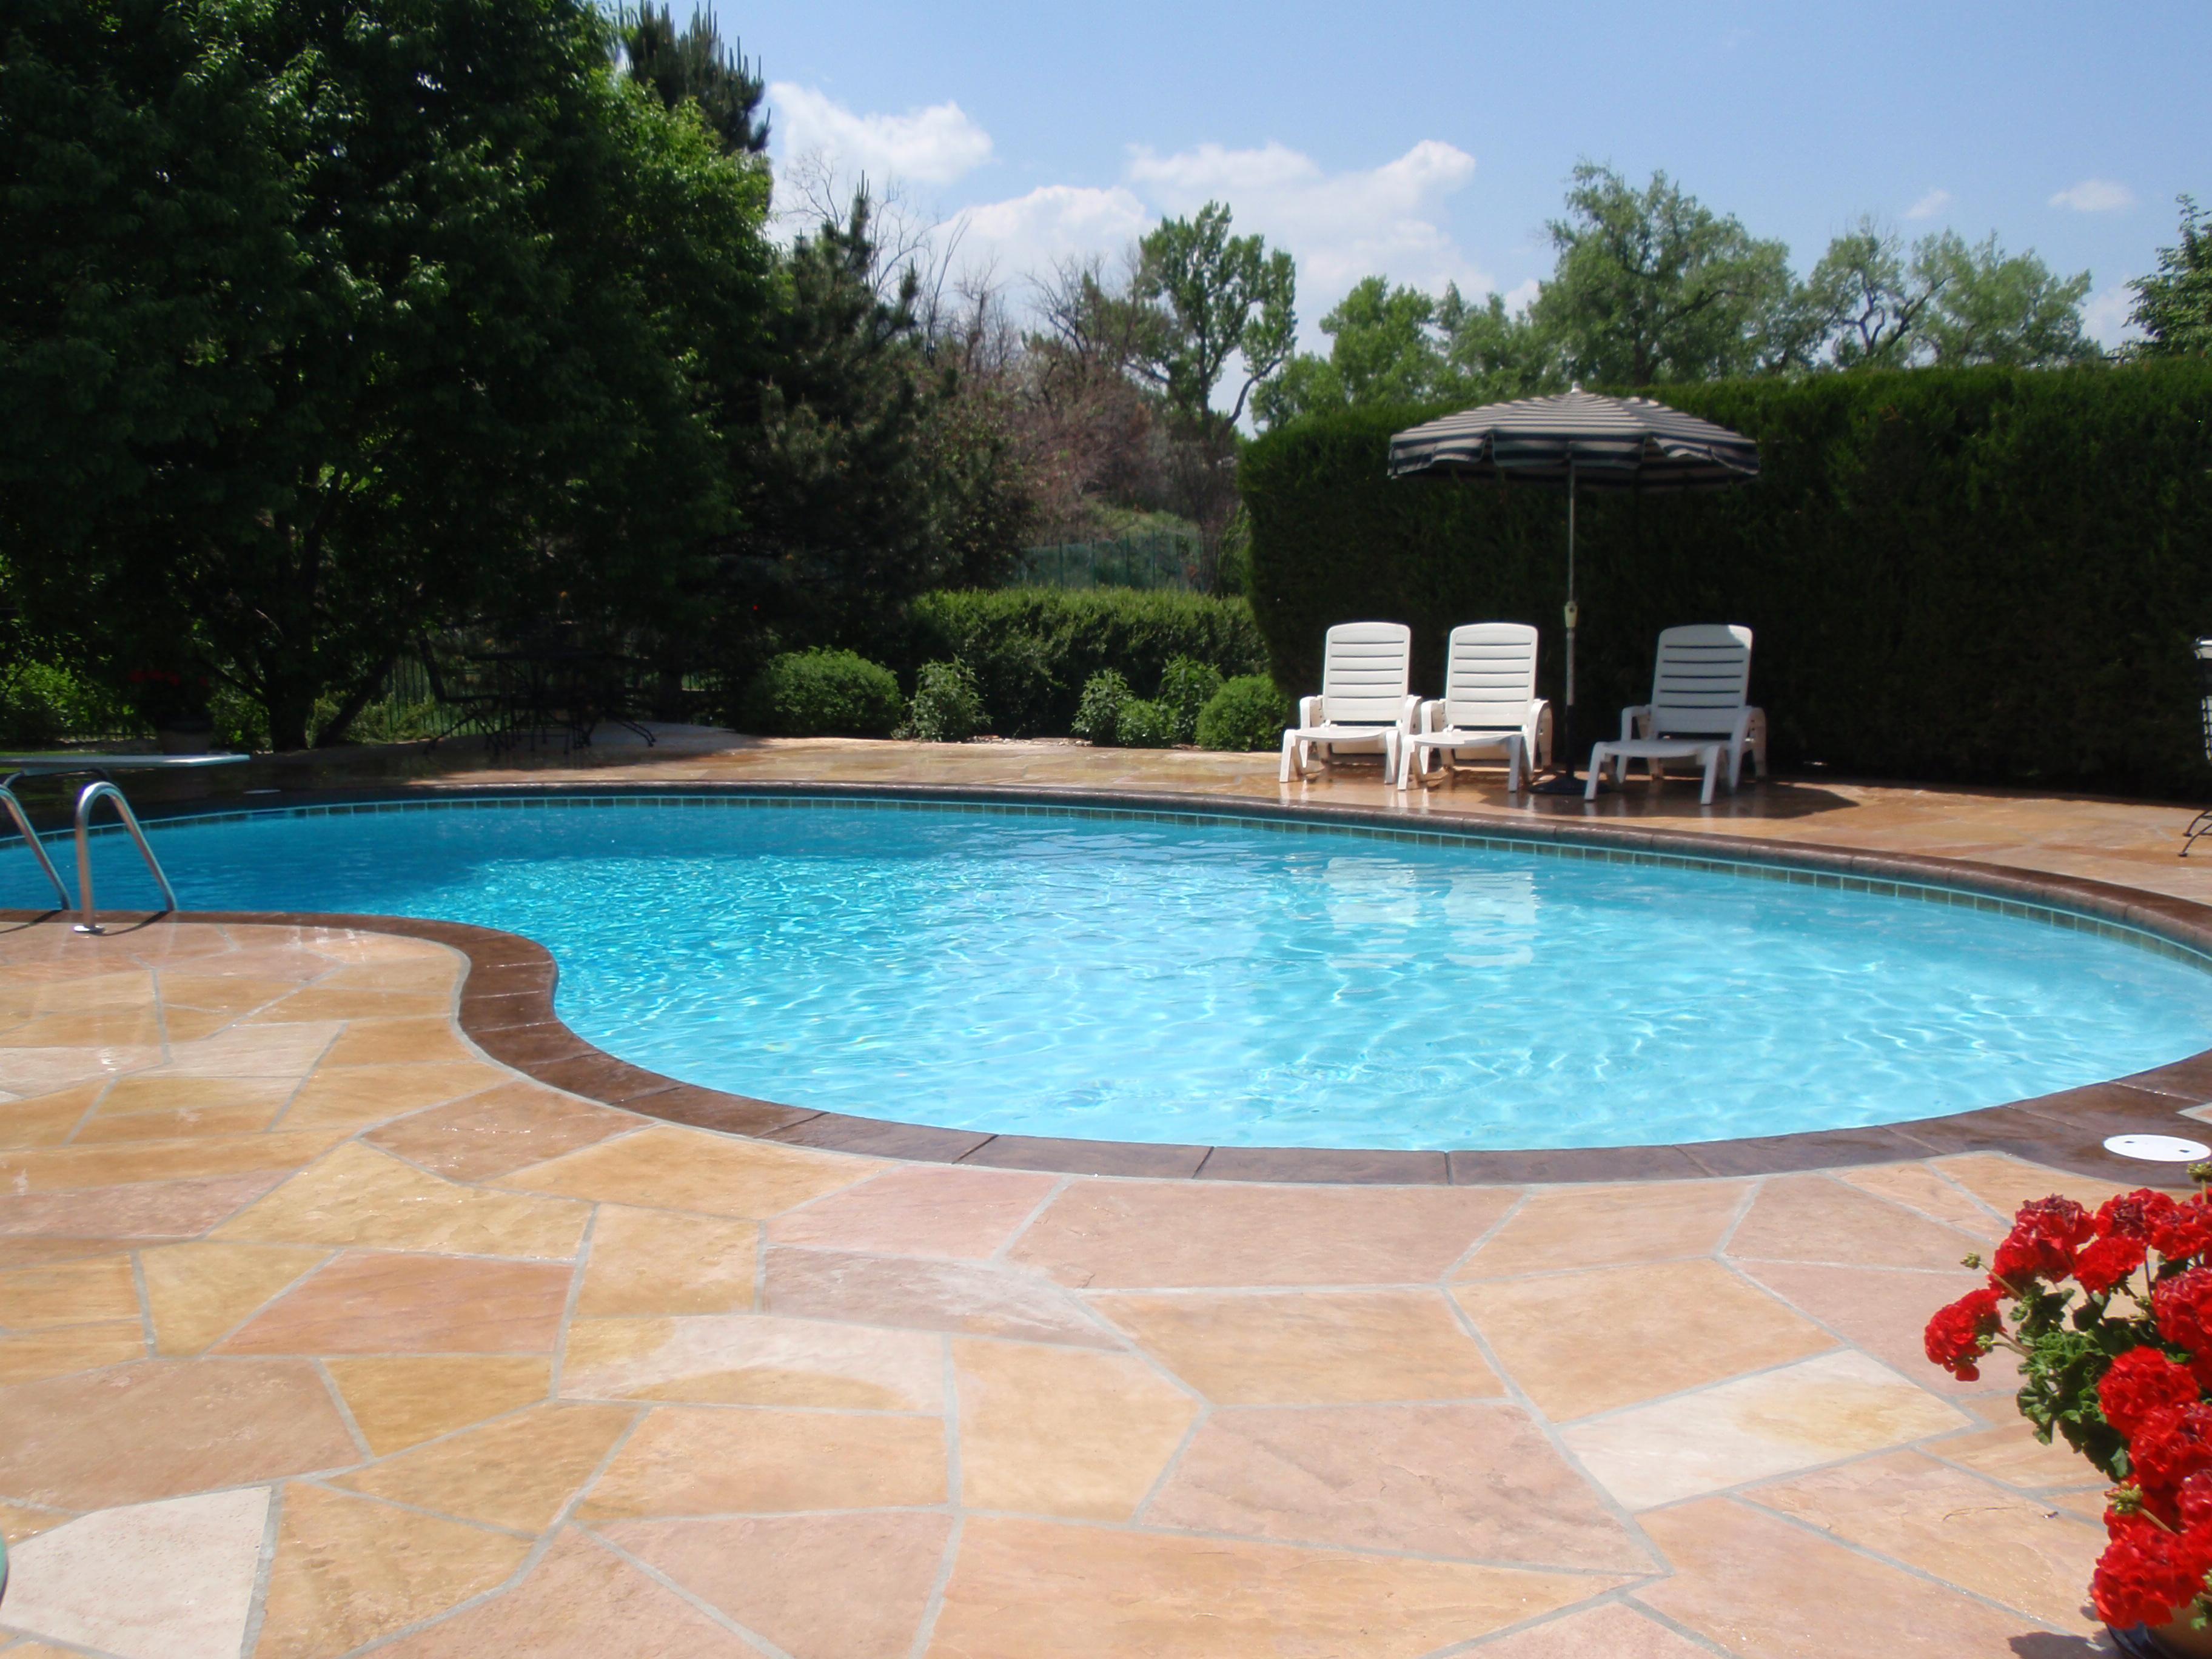 Pool Catch Basin Safety